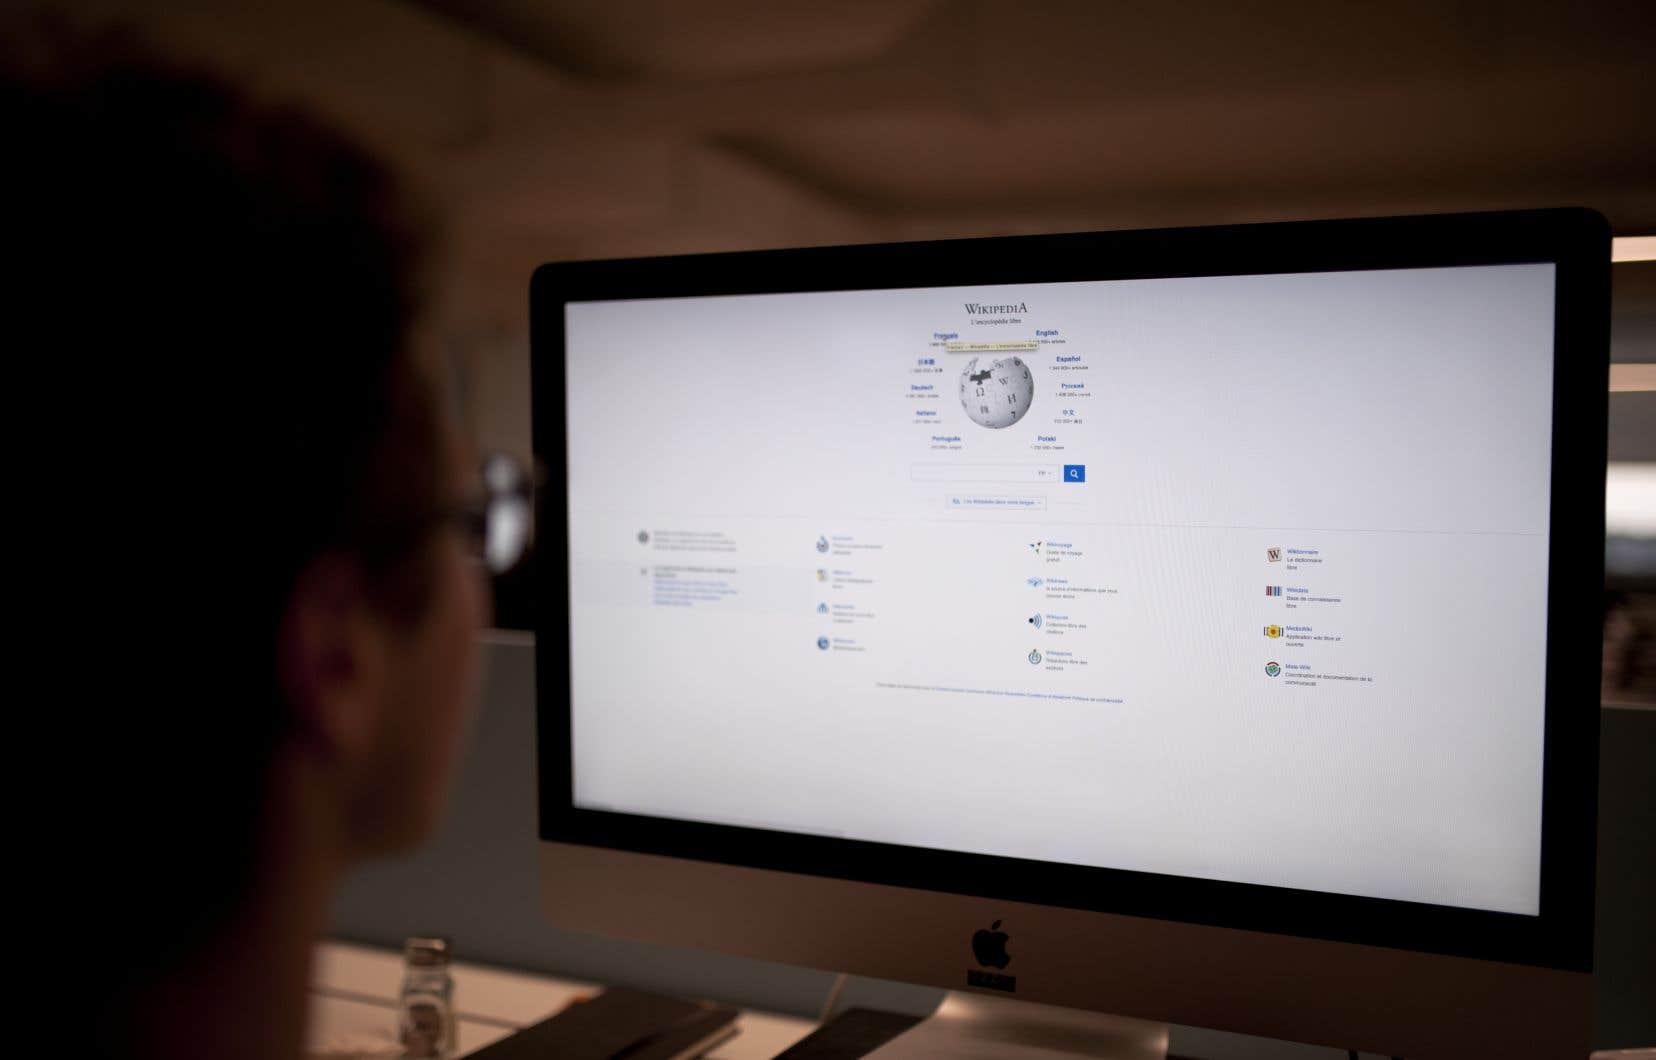 «La directive menacerait la liberté en ligne et imposerait de nouveaux filtres, barrières et restrictions pour accéder au web», a expliqué Wikipédia Espagne dans son communiqué.